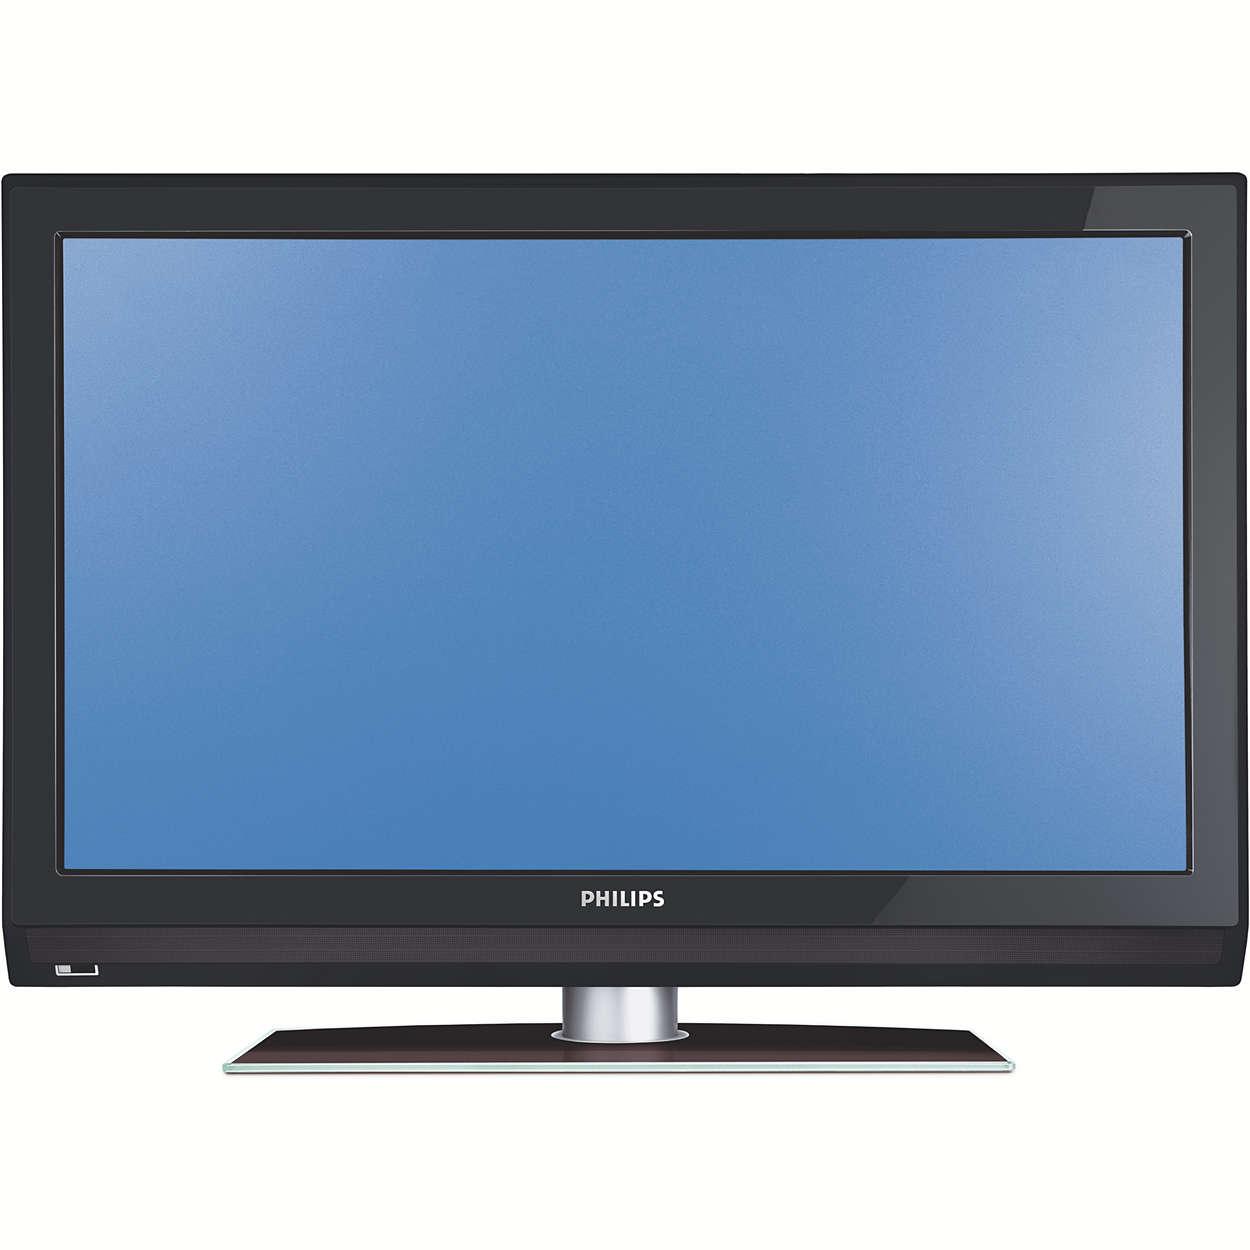 breitbild flachbildfernseher 37pfl7332 10 philips. Black Bedroom Furniture Sets. Home Design Ideas